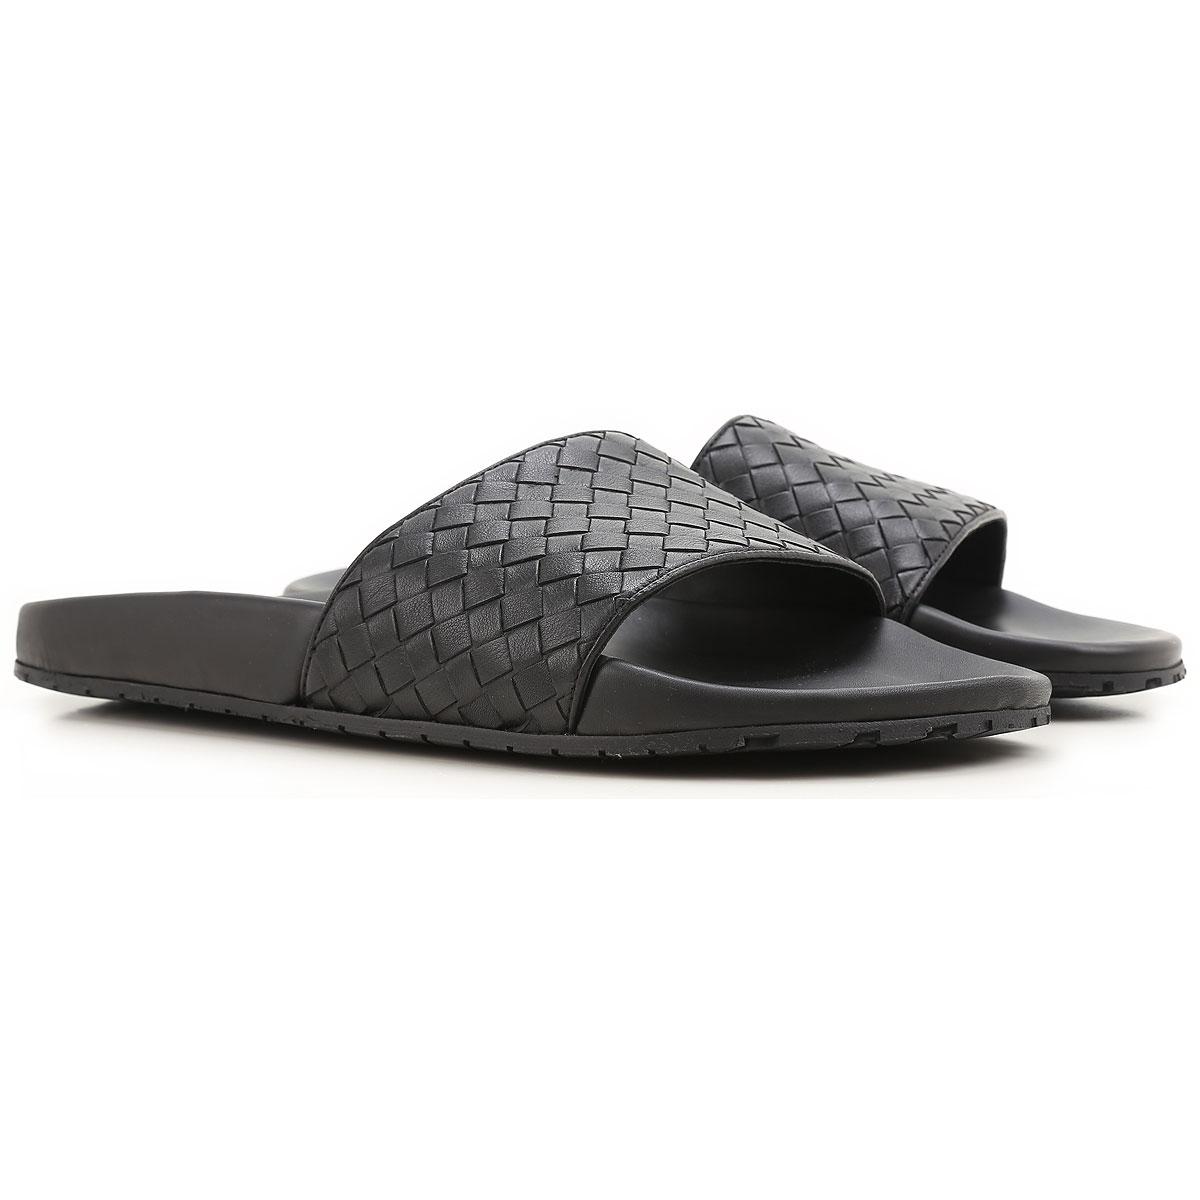 Bottega Veneta Sandals for Men On Sale, Black, Leather, 2017, 5.5 6.5 7 8 9